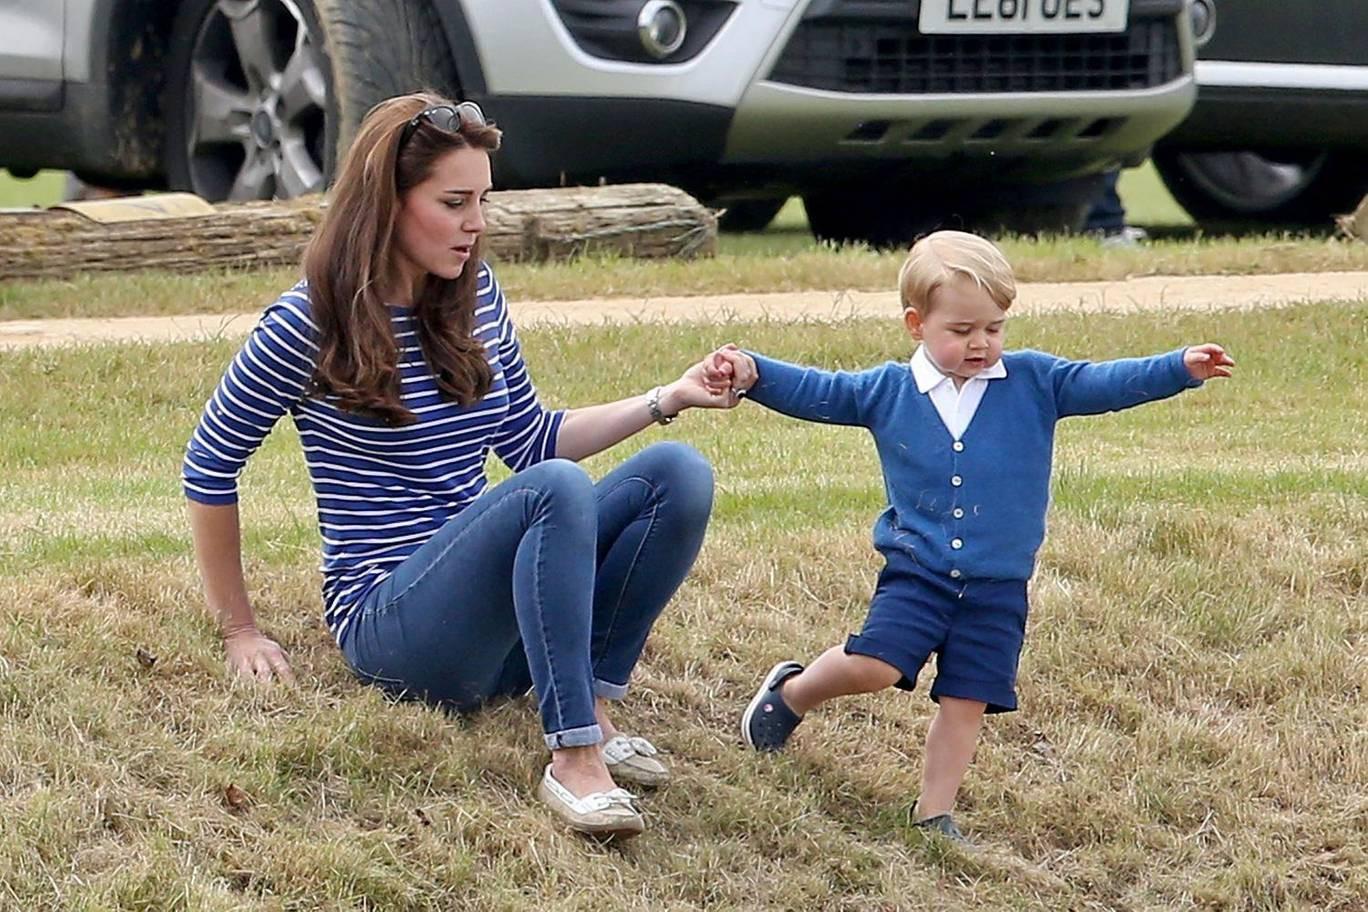 Hơn 40 bức ảnh ghi lại những khoảnh khắc cực đáng yêu cho thấy hành trình lớn lên của Hoàng tử George trong 5 năm đầu đời - Ảnh 13.